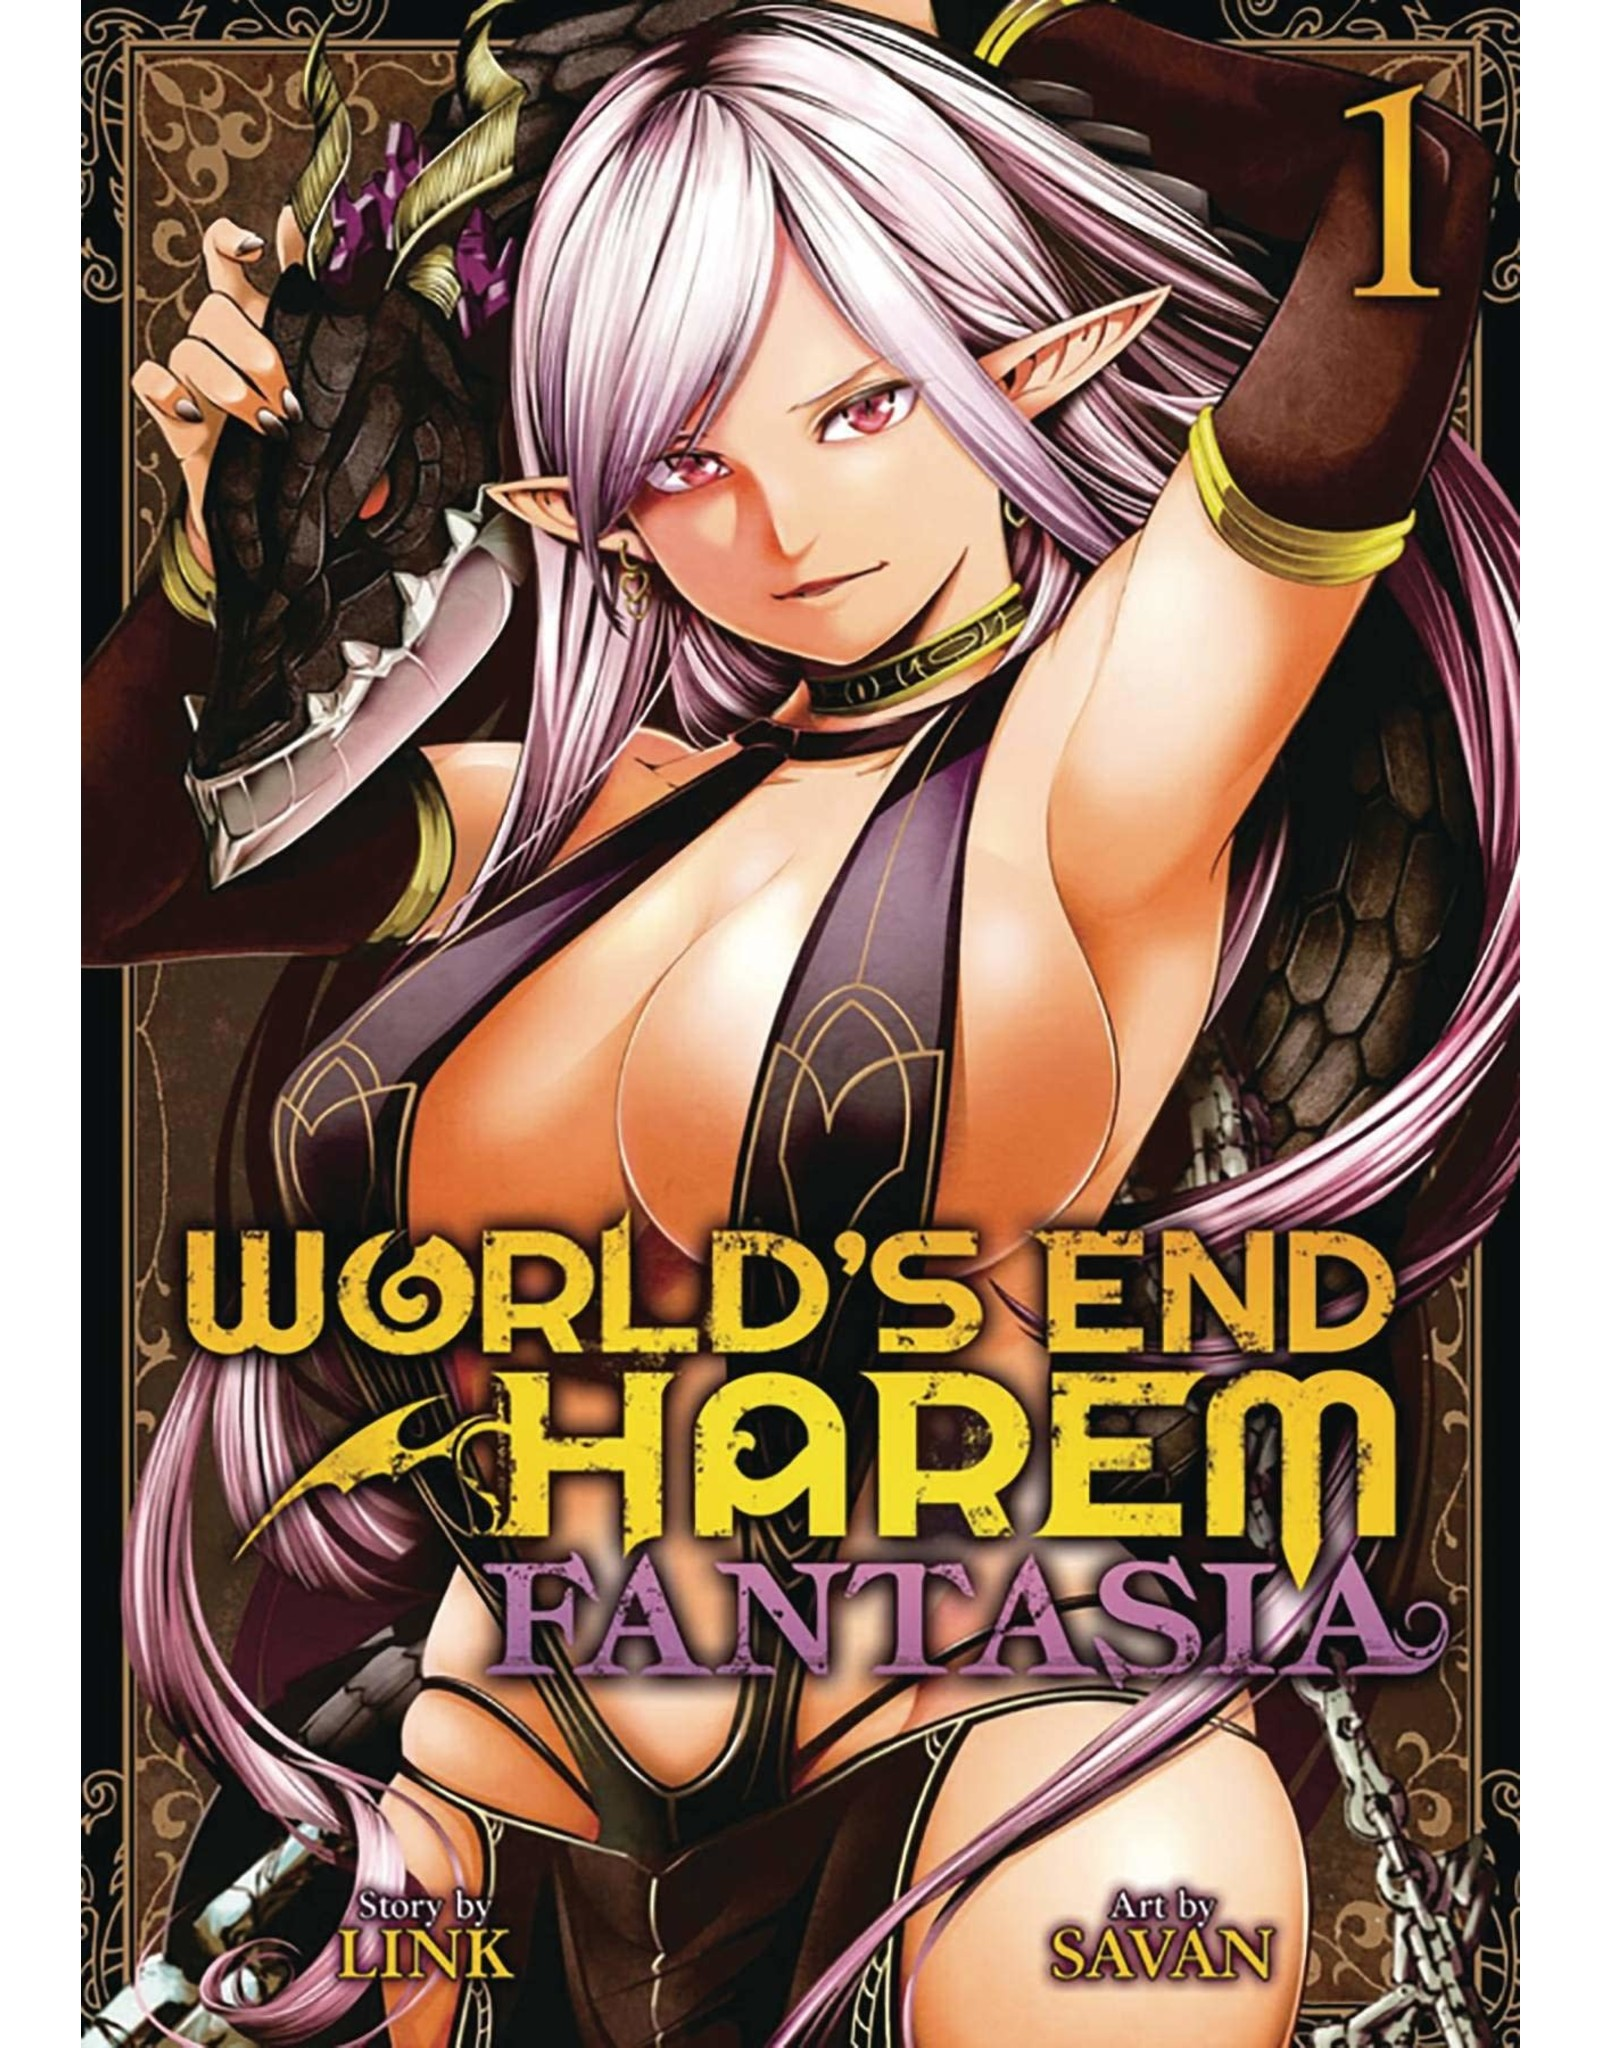 World's End Harem: Fantasia 1 (English)